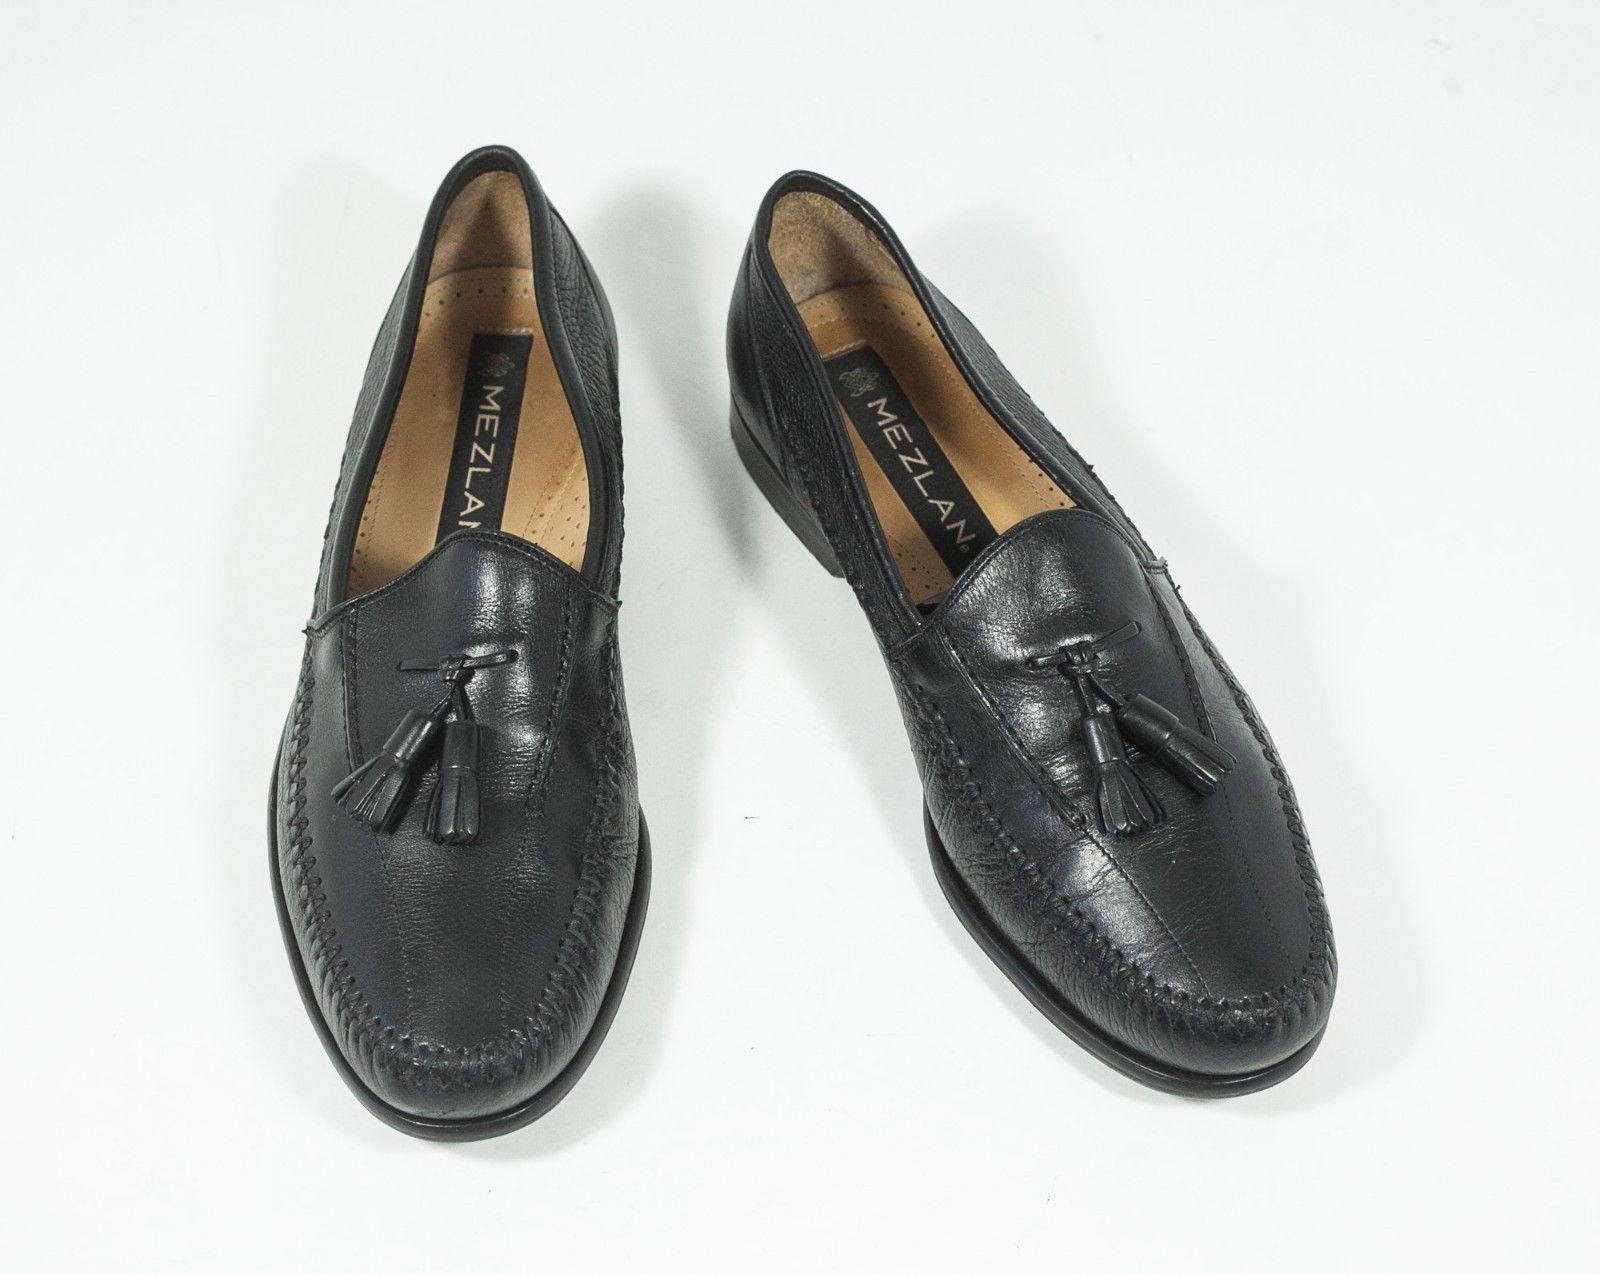 f3b05c8c92c Mezlan Sz 8.5 Black Tassel Slip on Loafers Leather -  72.00